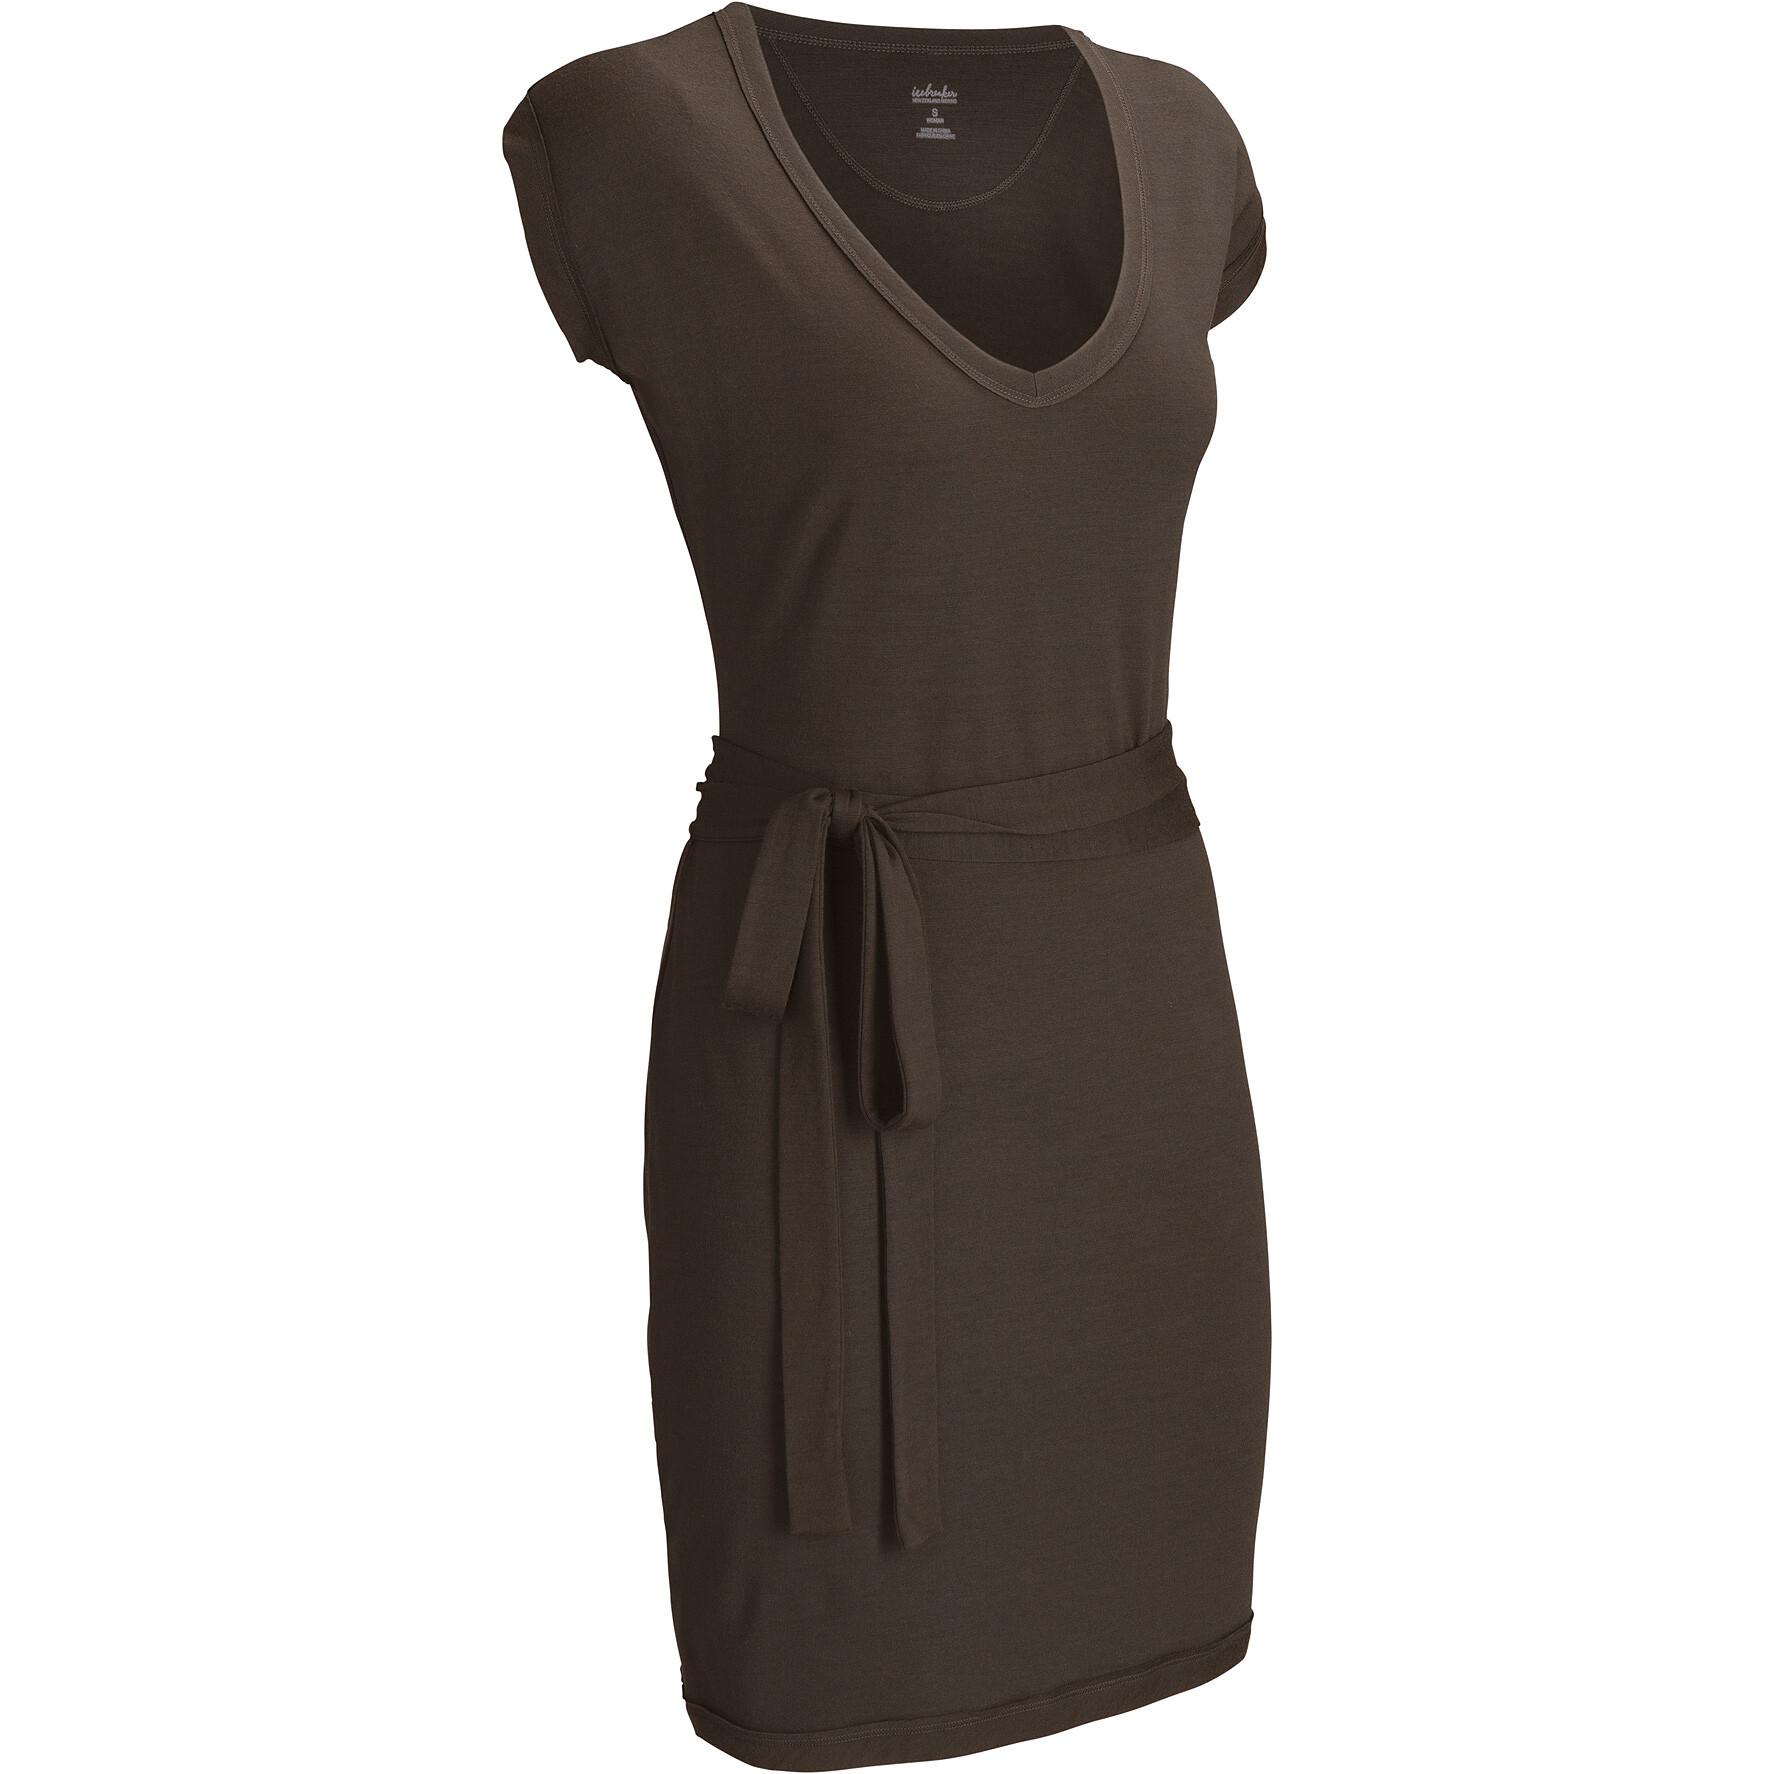 Icebreaker villa dress jurk dames bf150  2013